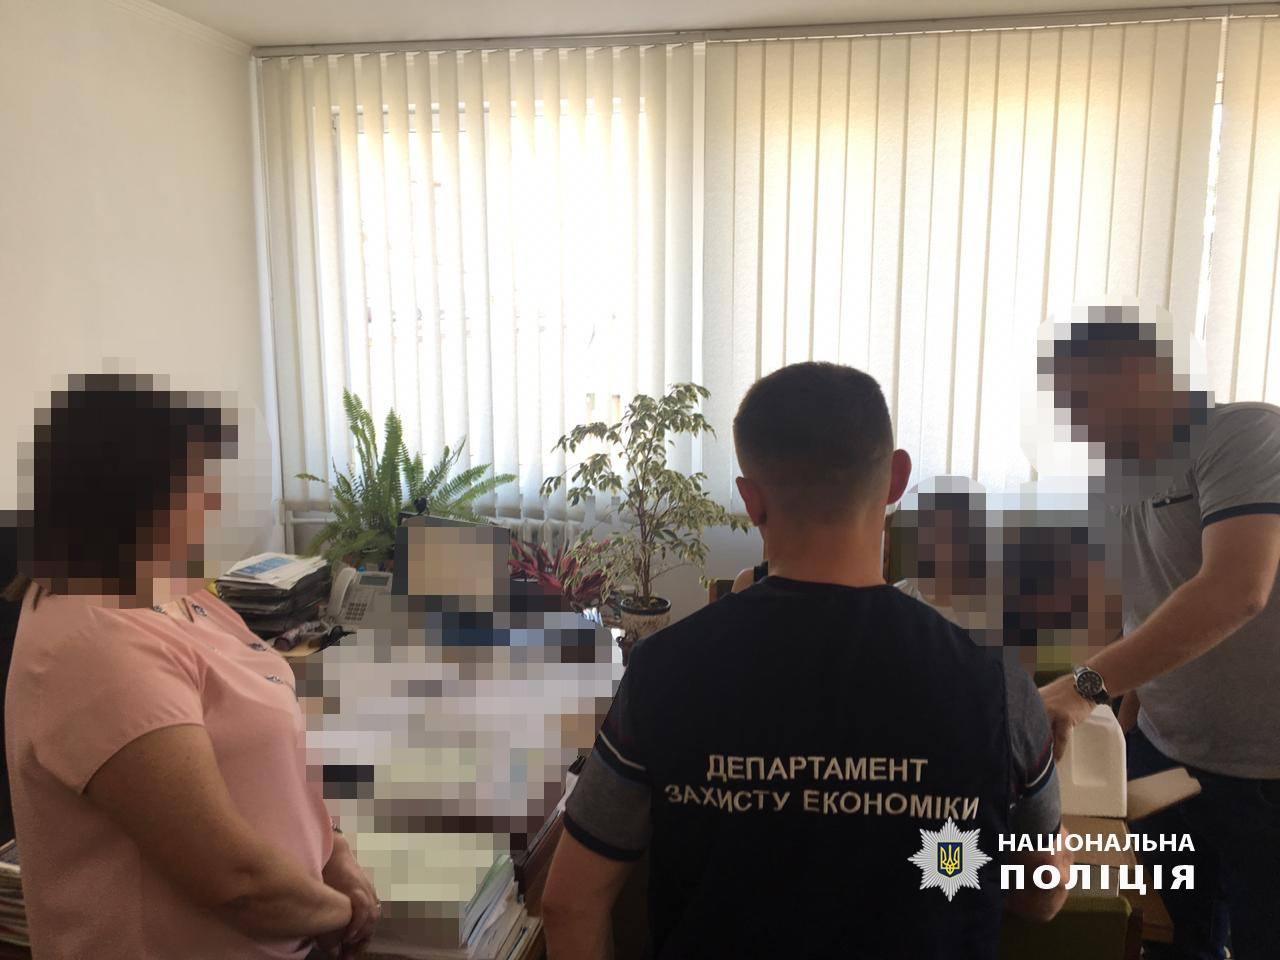 Керівницю Головного управління статистики в Івано-Франківській області затримали з хабарем 4